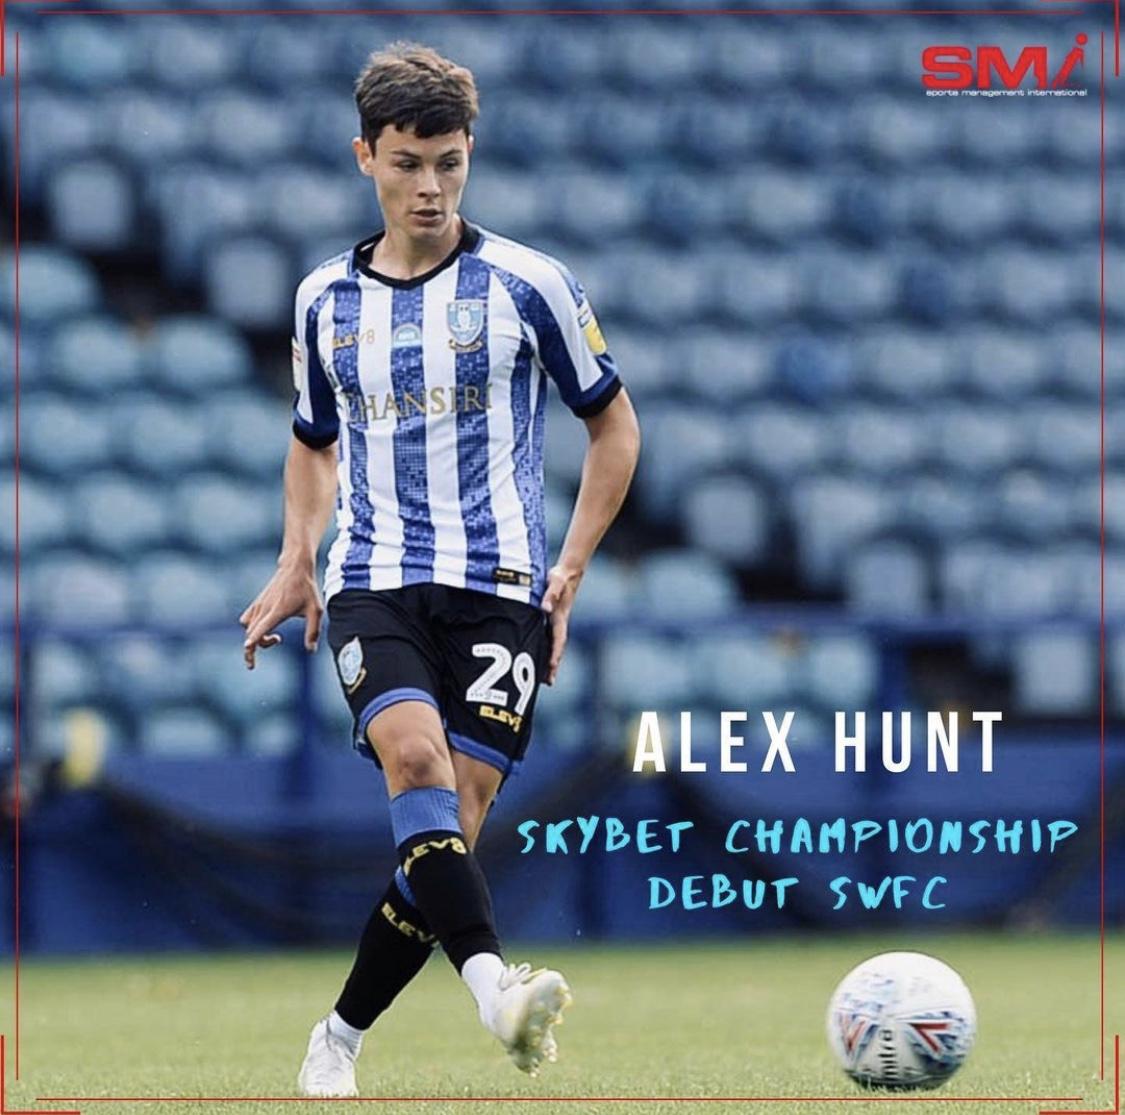 Alex Hunt makes SkyBet Championship debut